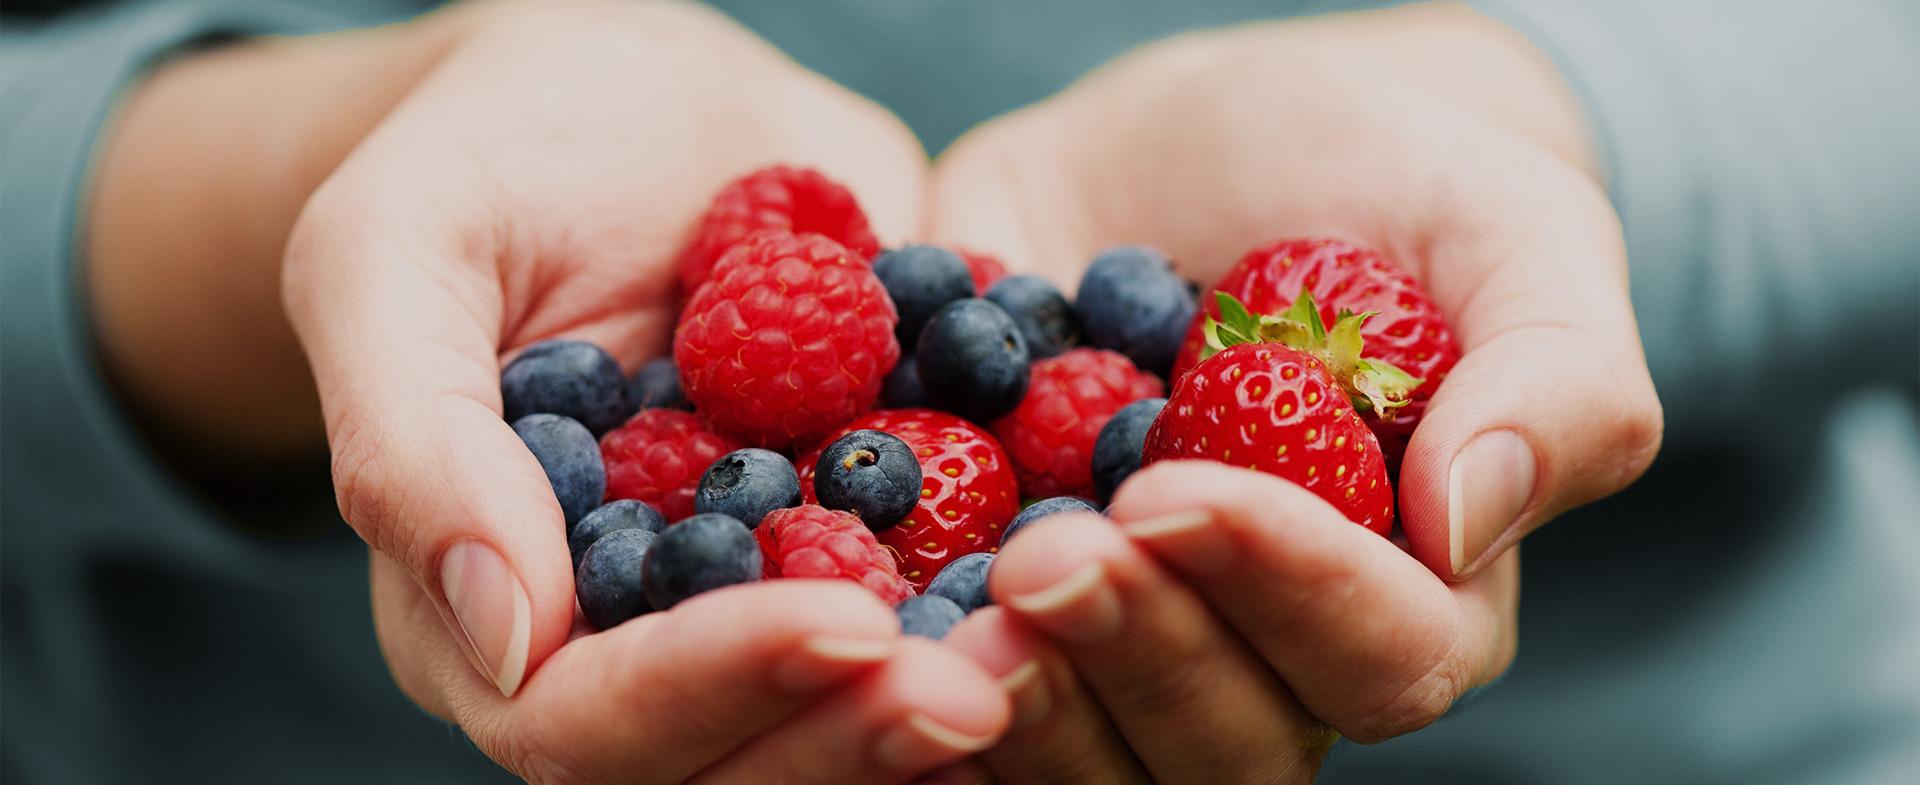 Si vous ne le saviez pas, les myrtilles contiennent plus d'antioxydants par portion que tous les autres fruits, légumes, épices et assaisonnements.